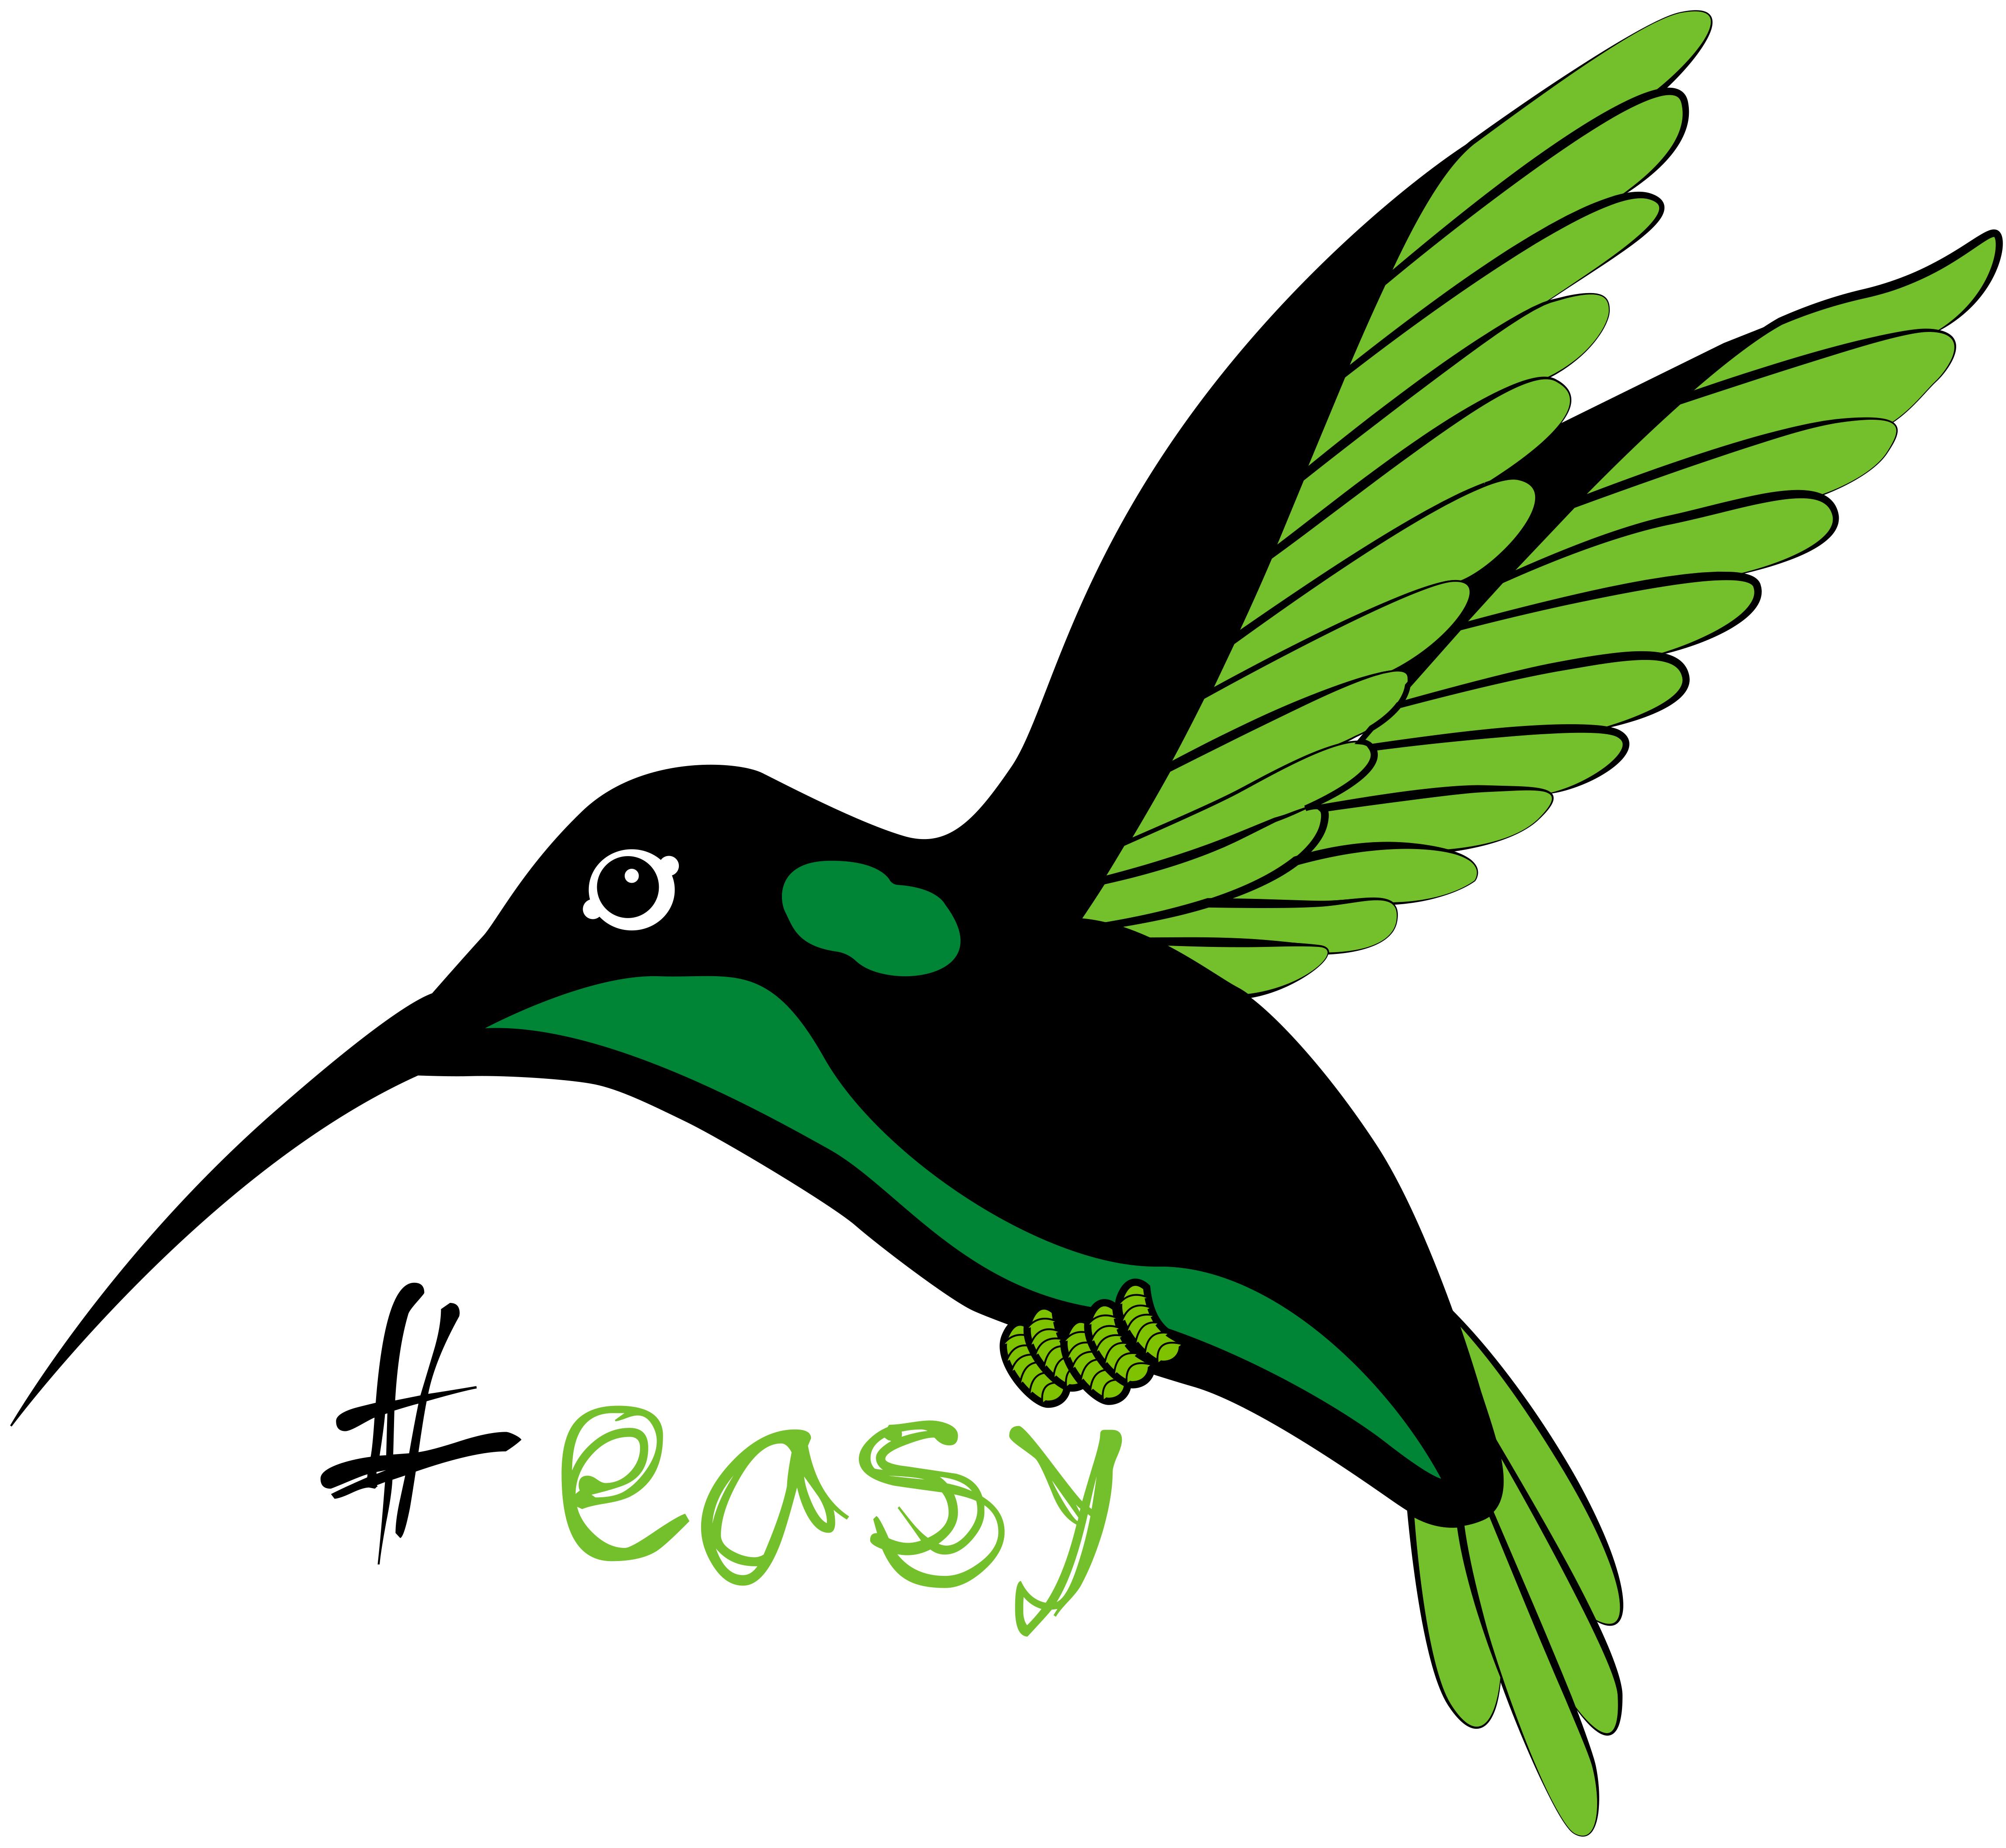 Разработка логотипа в виде хэштега #easy с зеленой колибри  фото f_3745d4db20756c7d.jpg